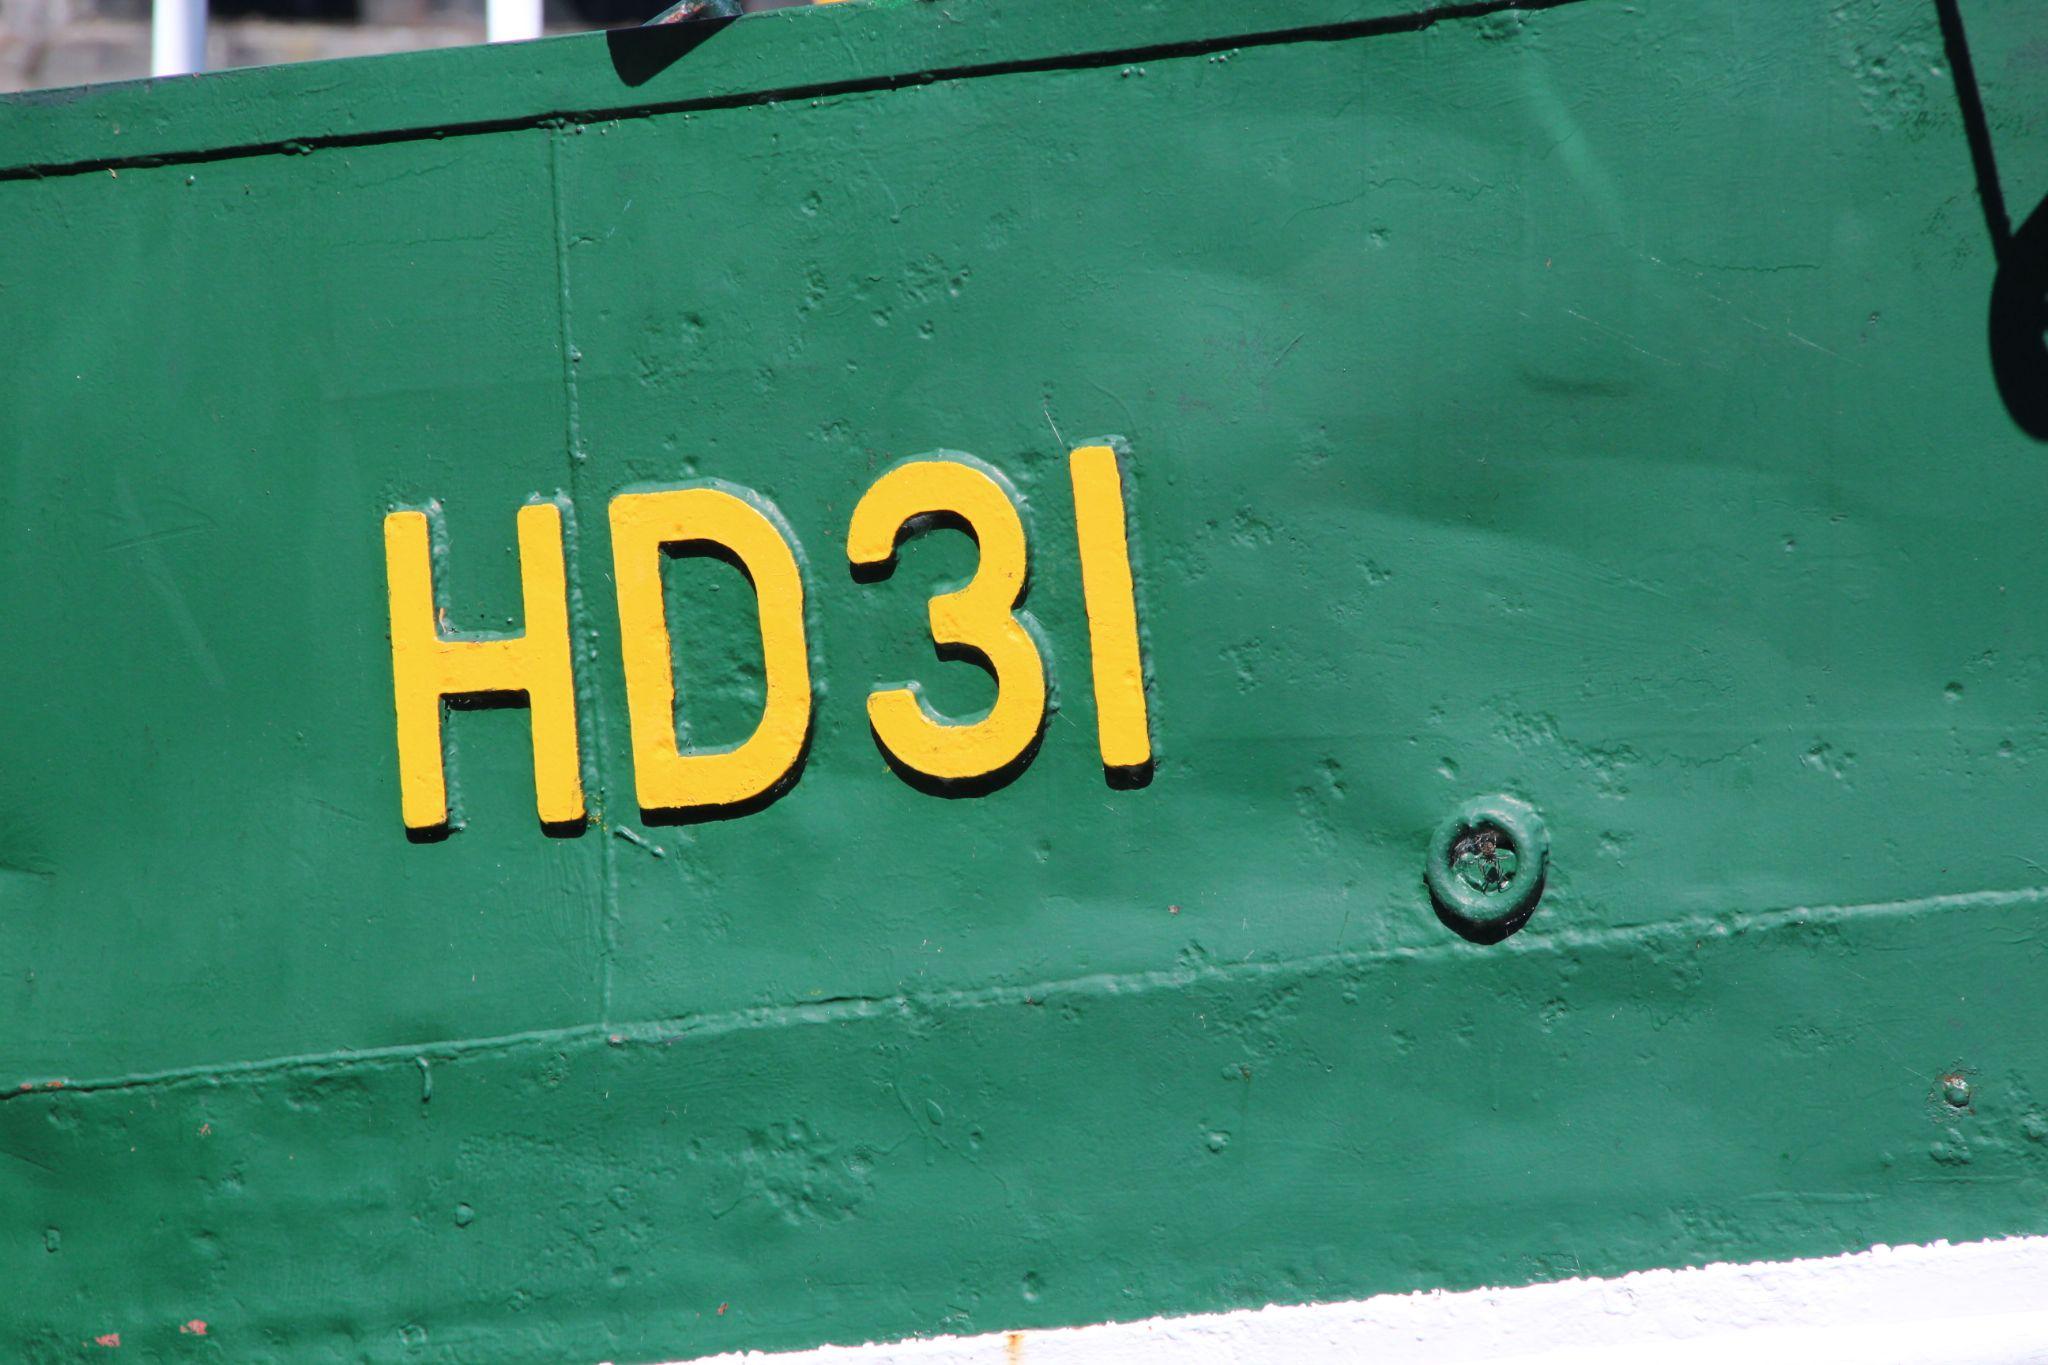 Ship ahoy by Henk de Groot